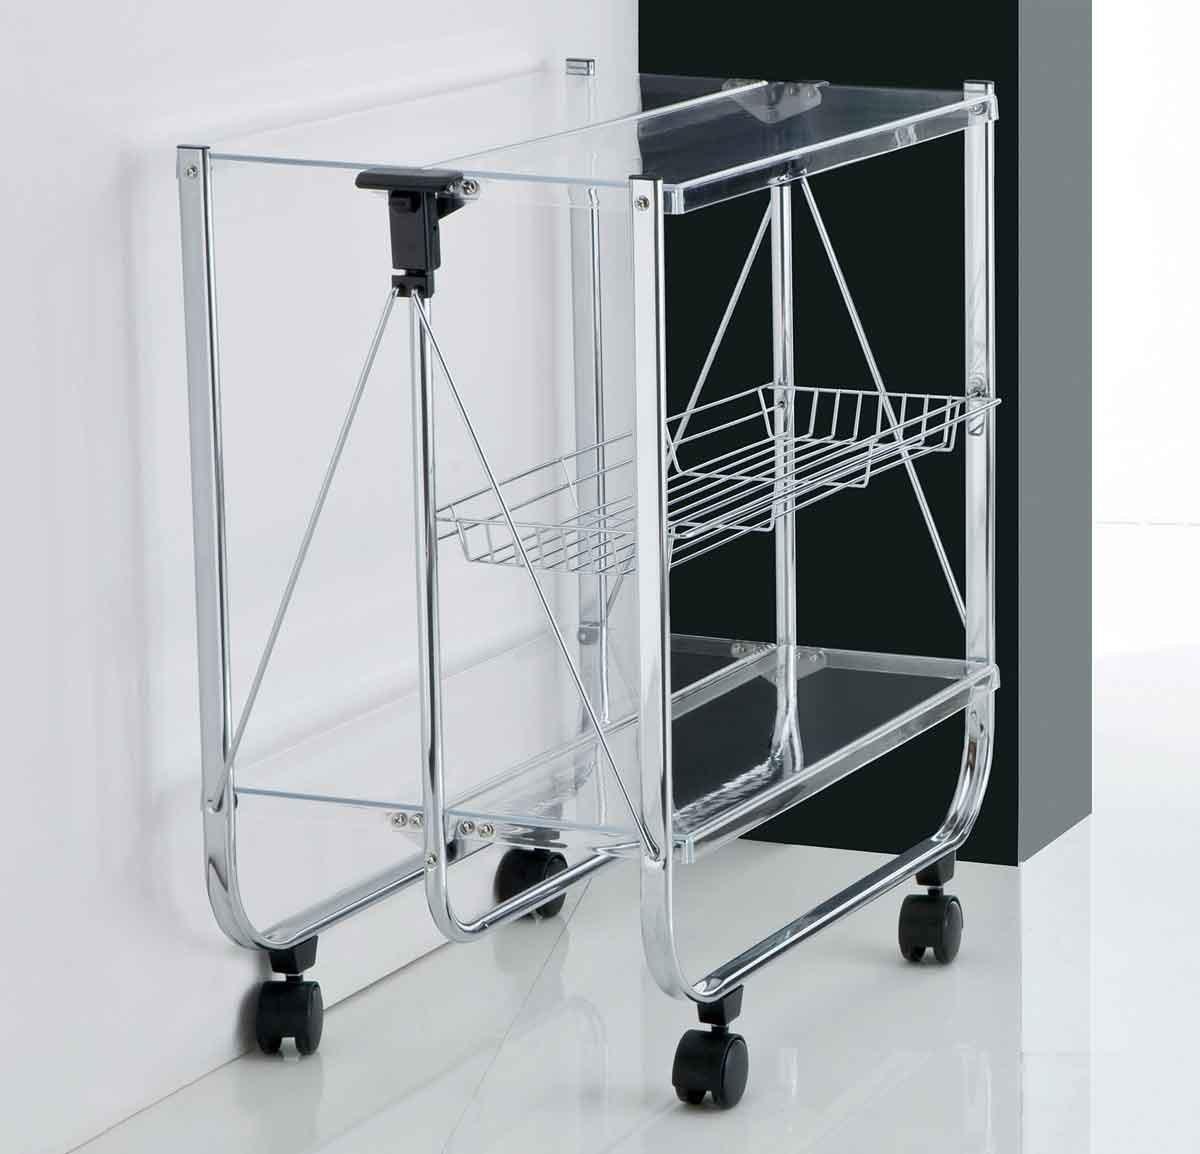 Carrelli Multiuso: Il Posto Giusto è Ovunque Cose Di Casa #162121 1200 1154 Carrello Multiuso Cucina Ikea